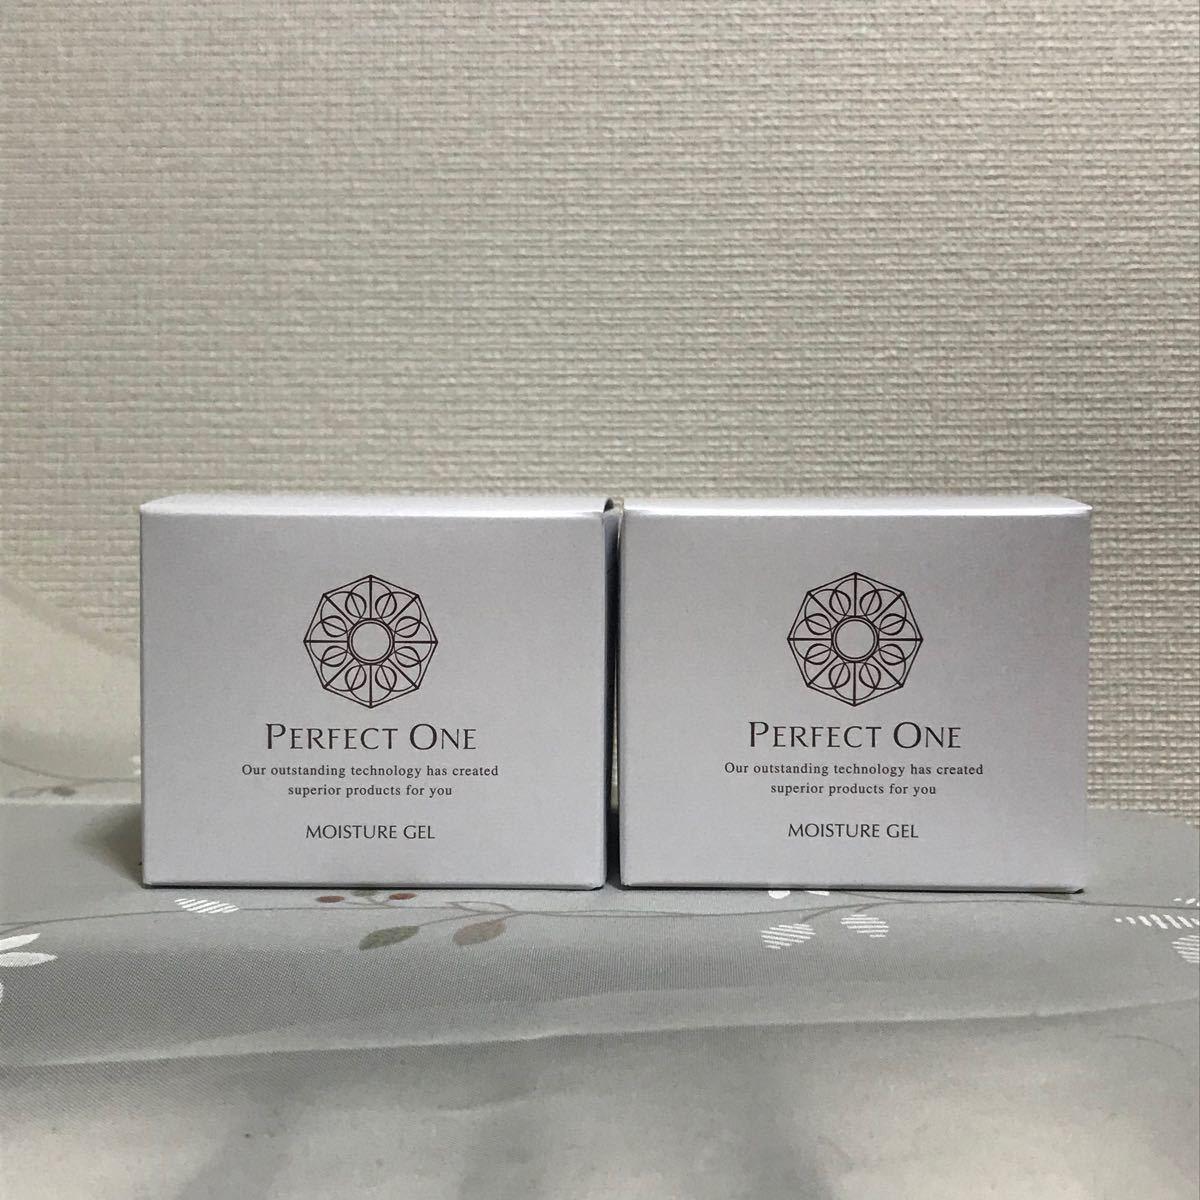 新日本製薬 パーフェクトワン モイスチャージェル 75g×2個セット